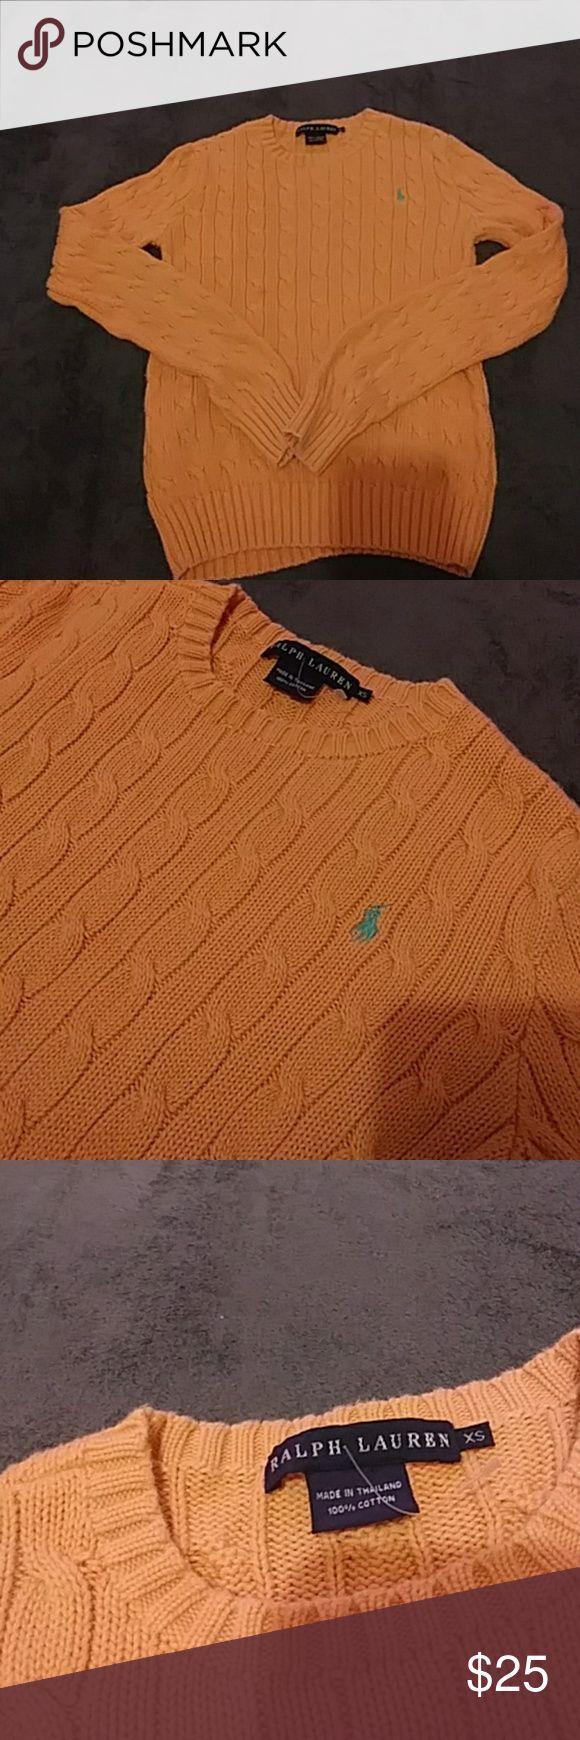 Ralph lauren womens xs 100% cotton sweater Women's xs 100% cotton Ralp Lauren peach sweater Ralph Lauren Sweaters Crew & Scoop Necks